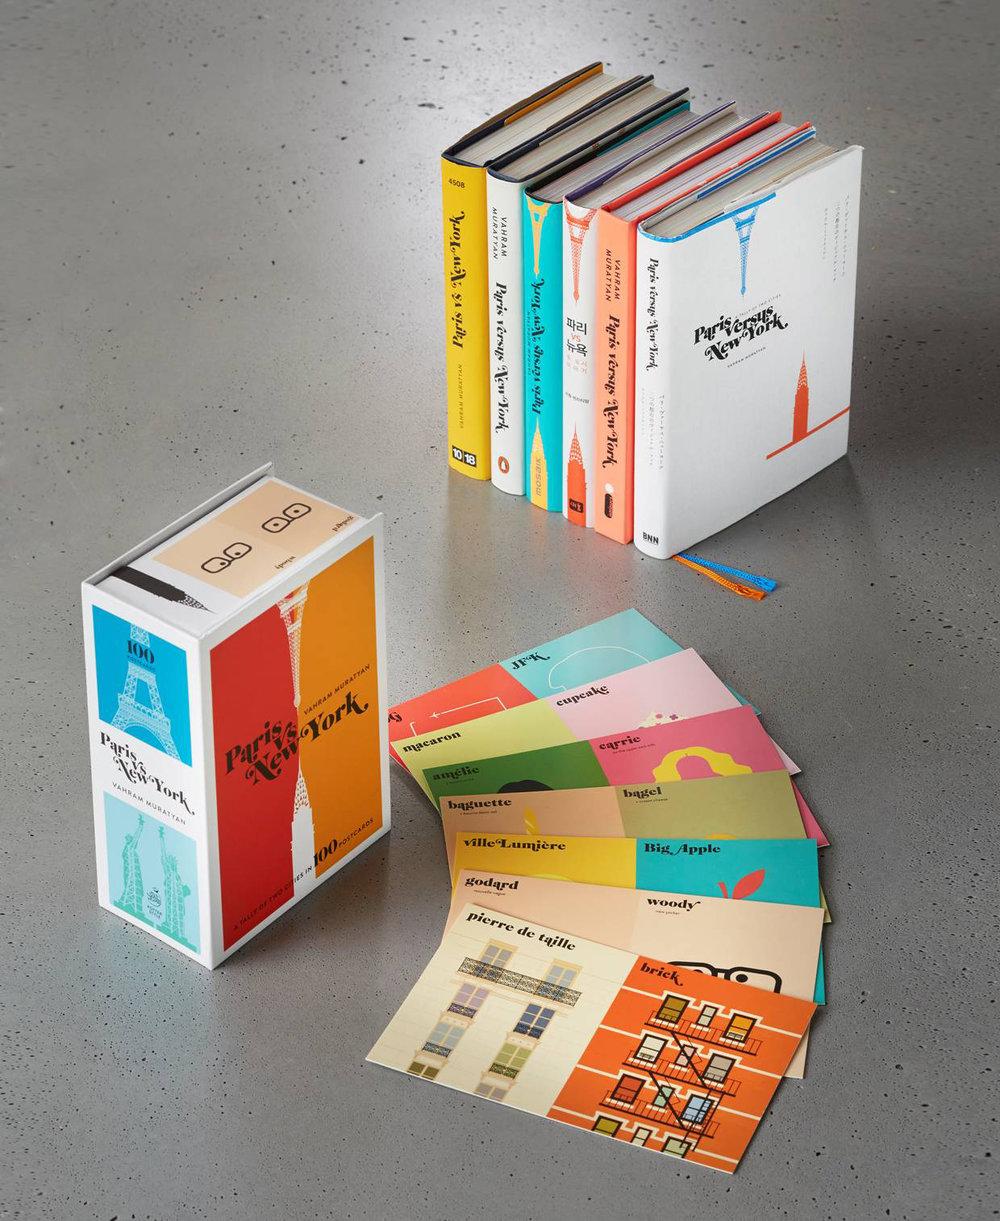 THE BOOKS - PARIS VERSUS NEW YORKTHE BOOK US VERSIONTHE CARDS COLLECTIONPUBLISHED BY PENGUIN RANDOM HOUSELE LIVRE ORIGINAL EN FRANÇAISPUBLIÉ PAR 10|18L'INTÉGRALE EN FRANÇAISPUBLIÉ PAR 10|18OTHER VERSIONSJAPAN | S.KOREA |BRAZIL | GERMANY | ITALY